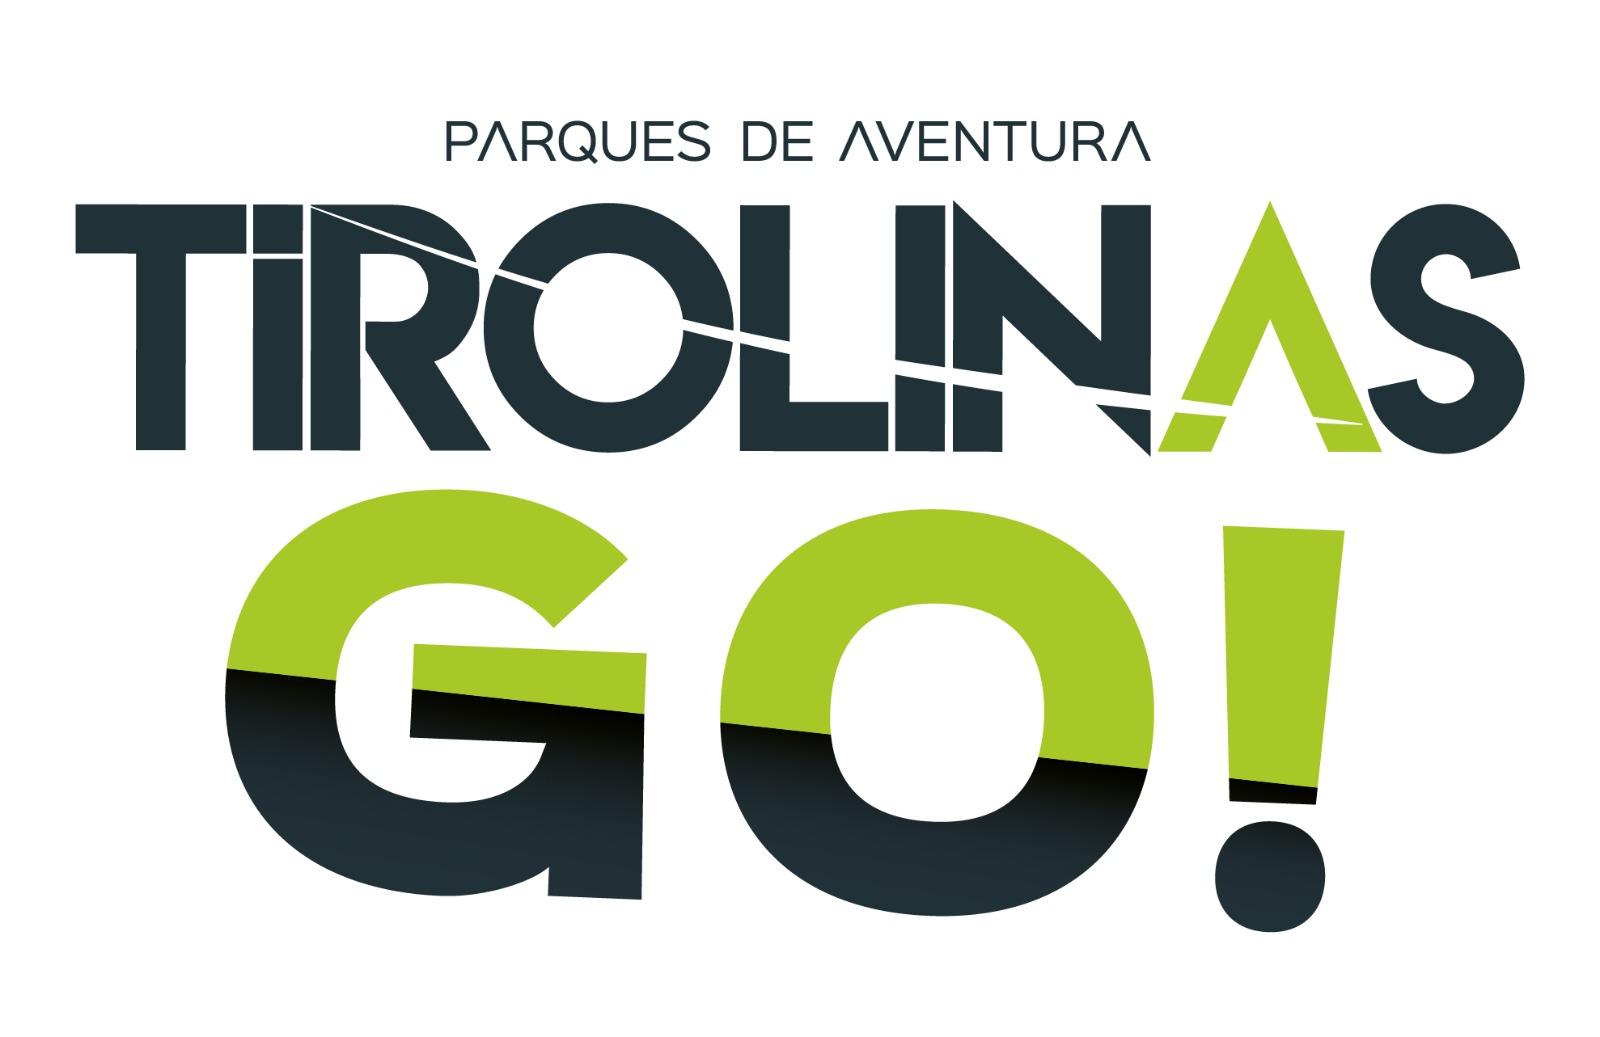 Logo comerç Tirolinas GO¡¡¡